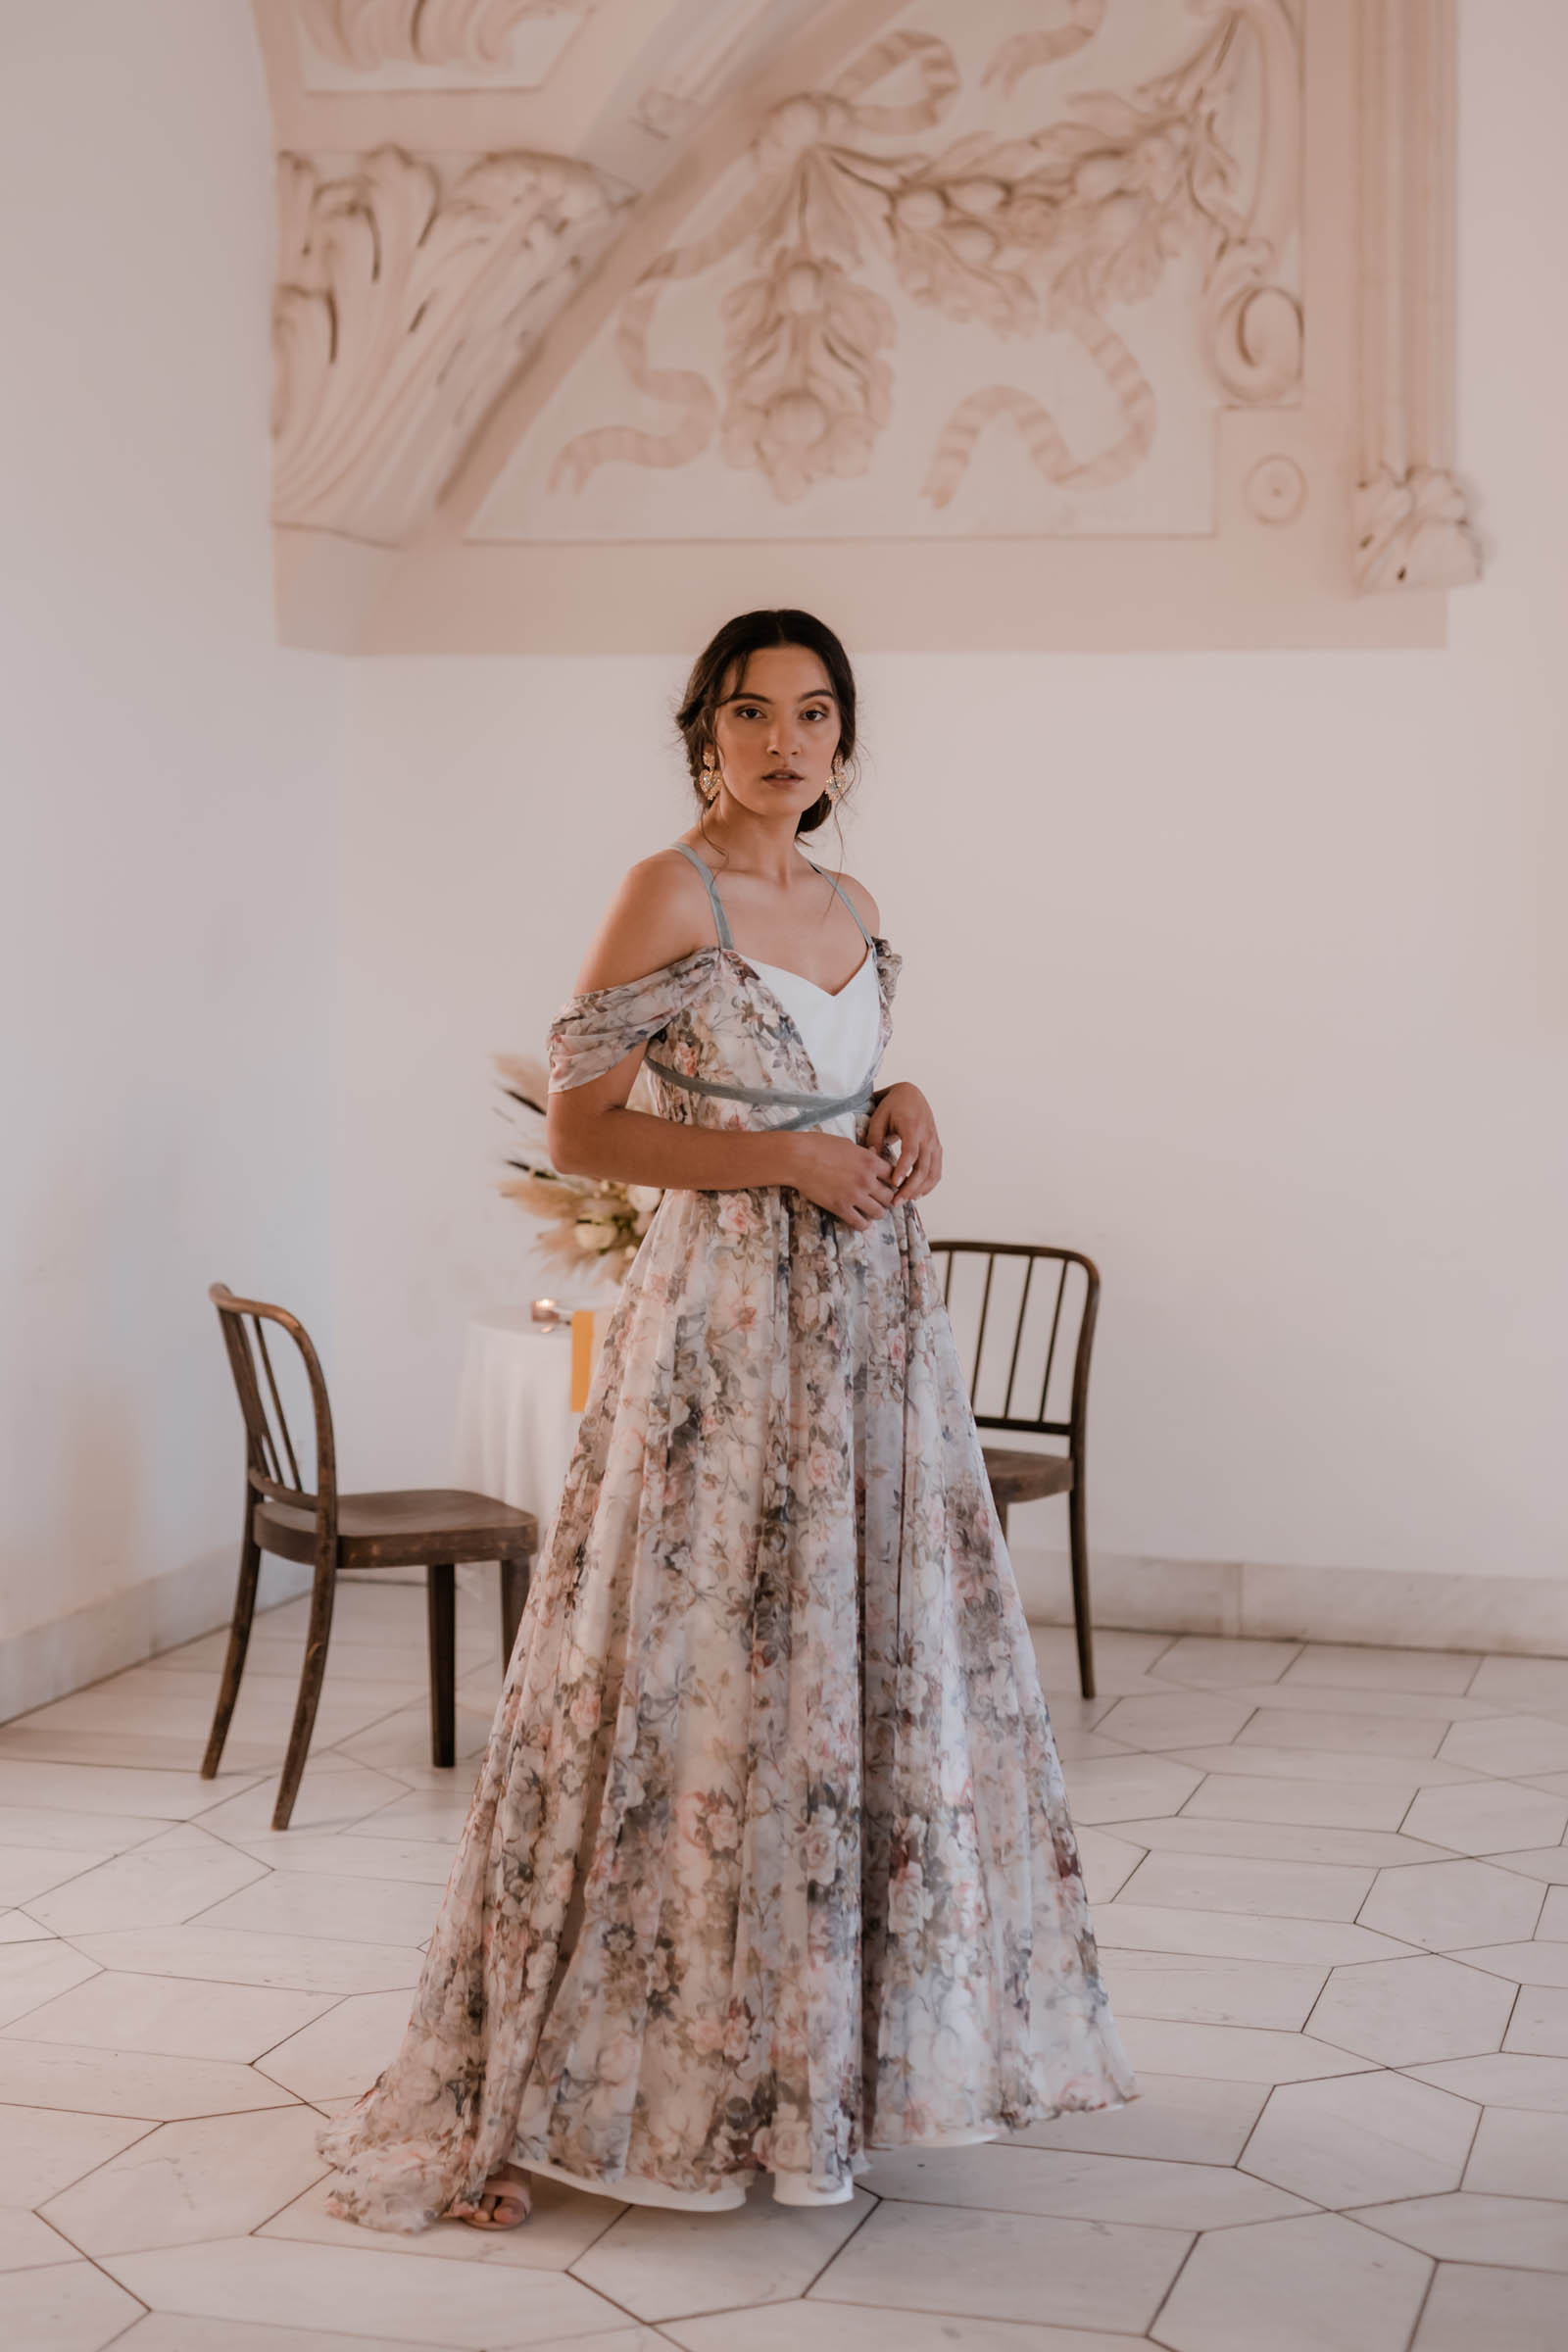 boho-svadobne-saty-veronika-kostkova-wedding-atelier-2019-maya-3